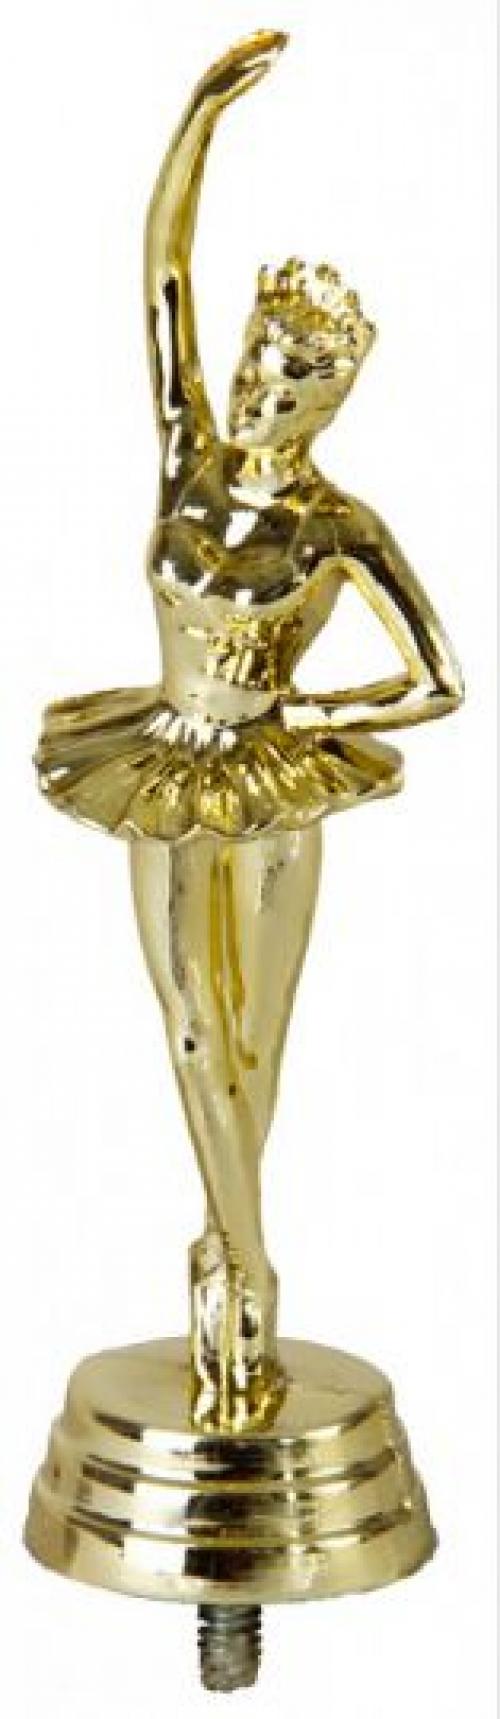 ТАНЦЫ  (балерина)  фигурка пластиковая